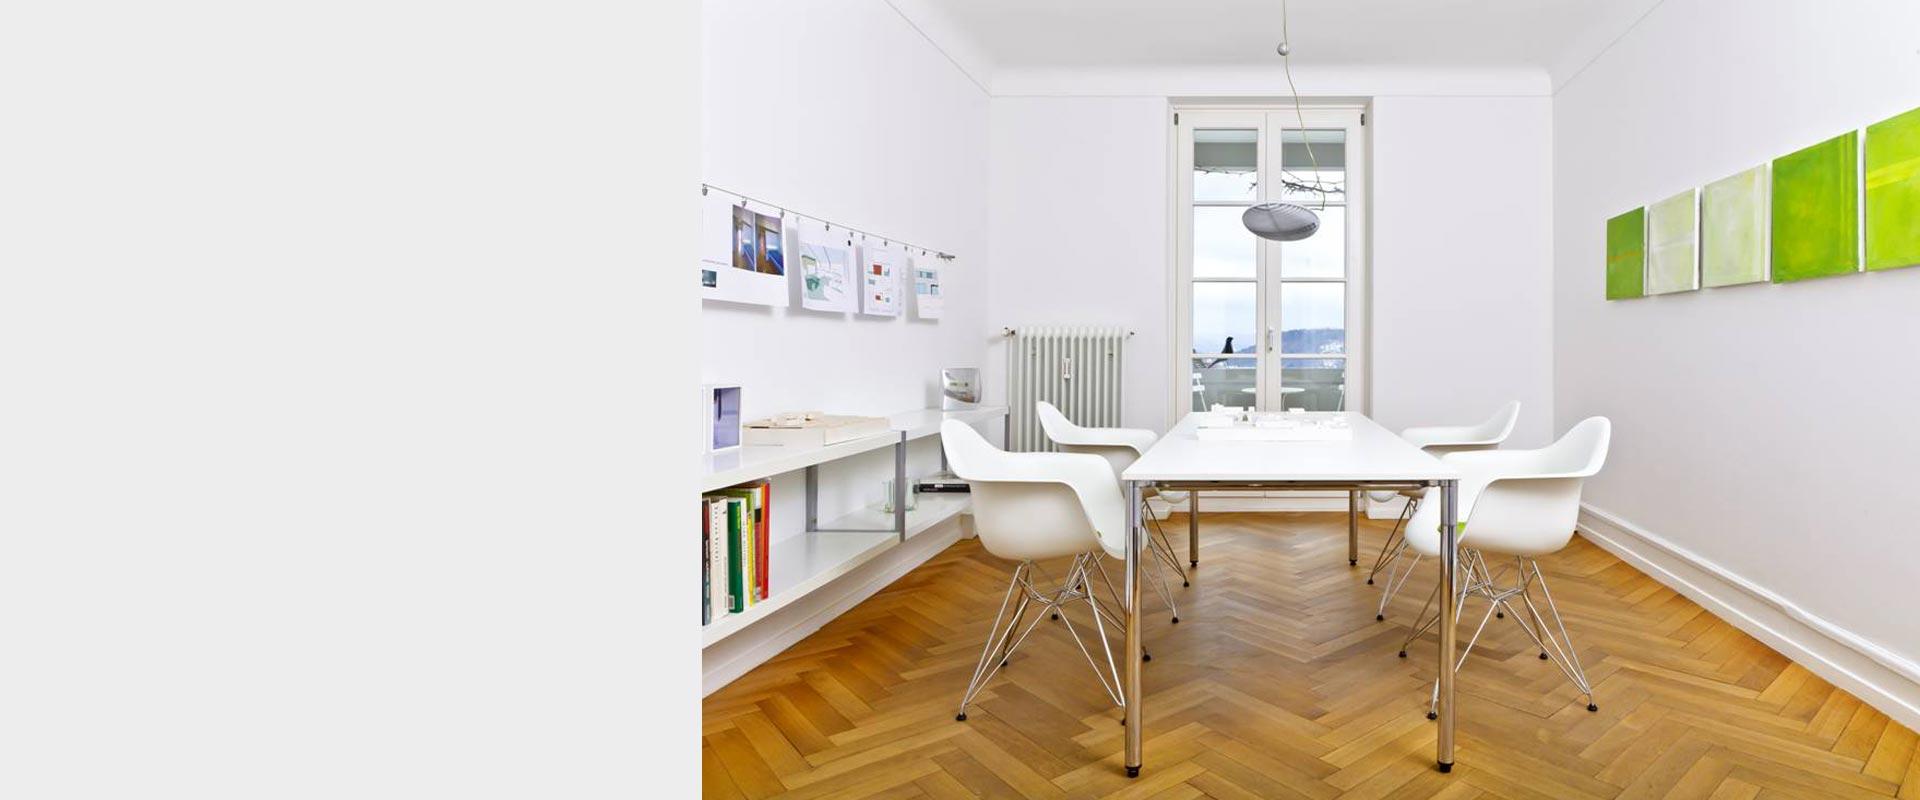 Architekturbüro Henning Musahl Waldshut